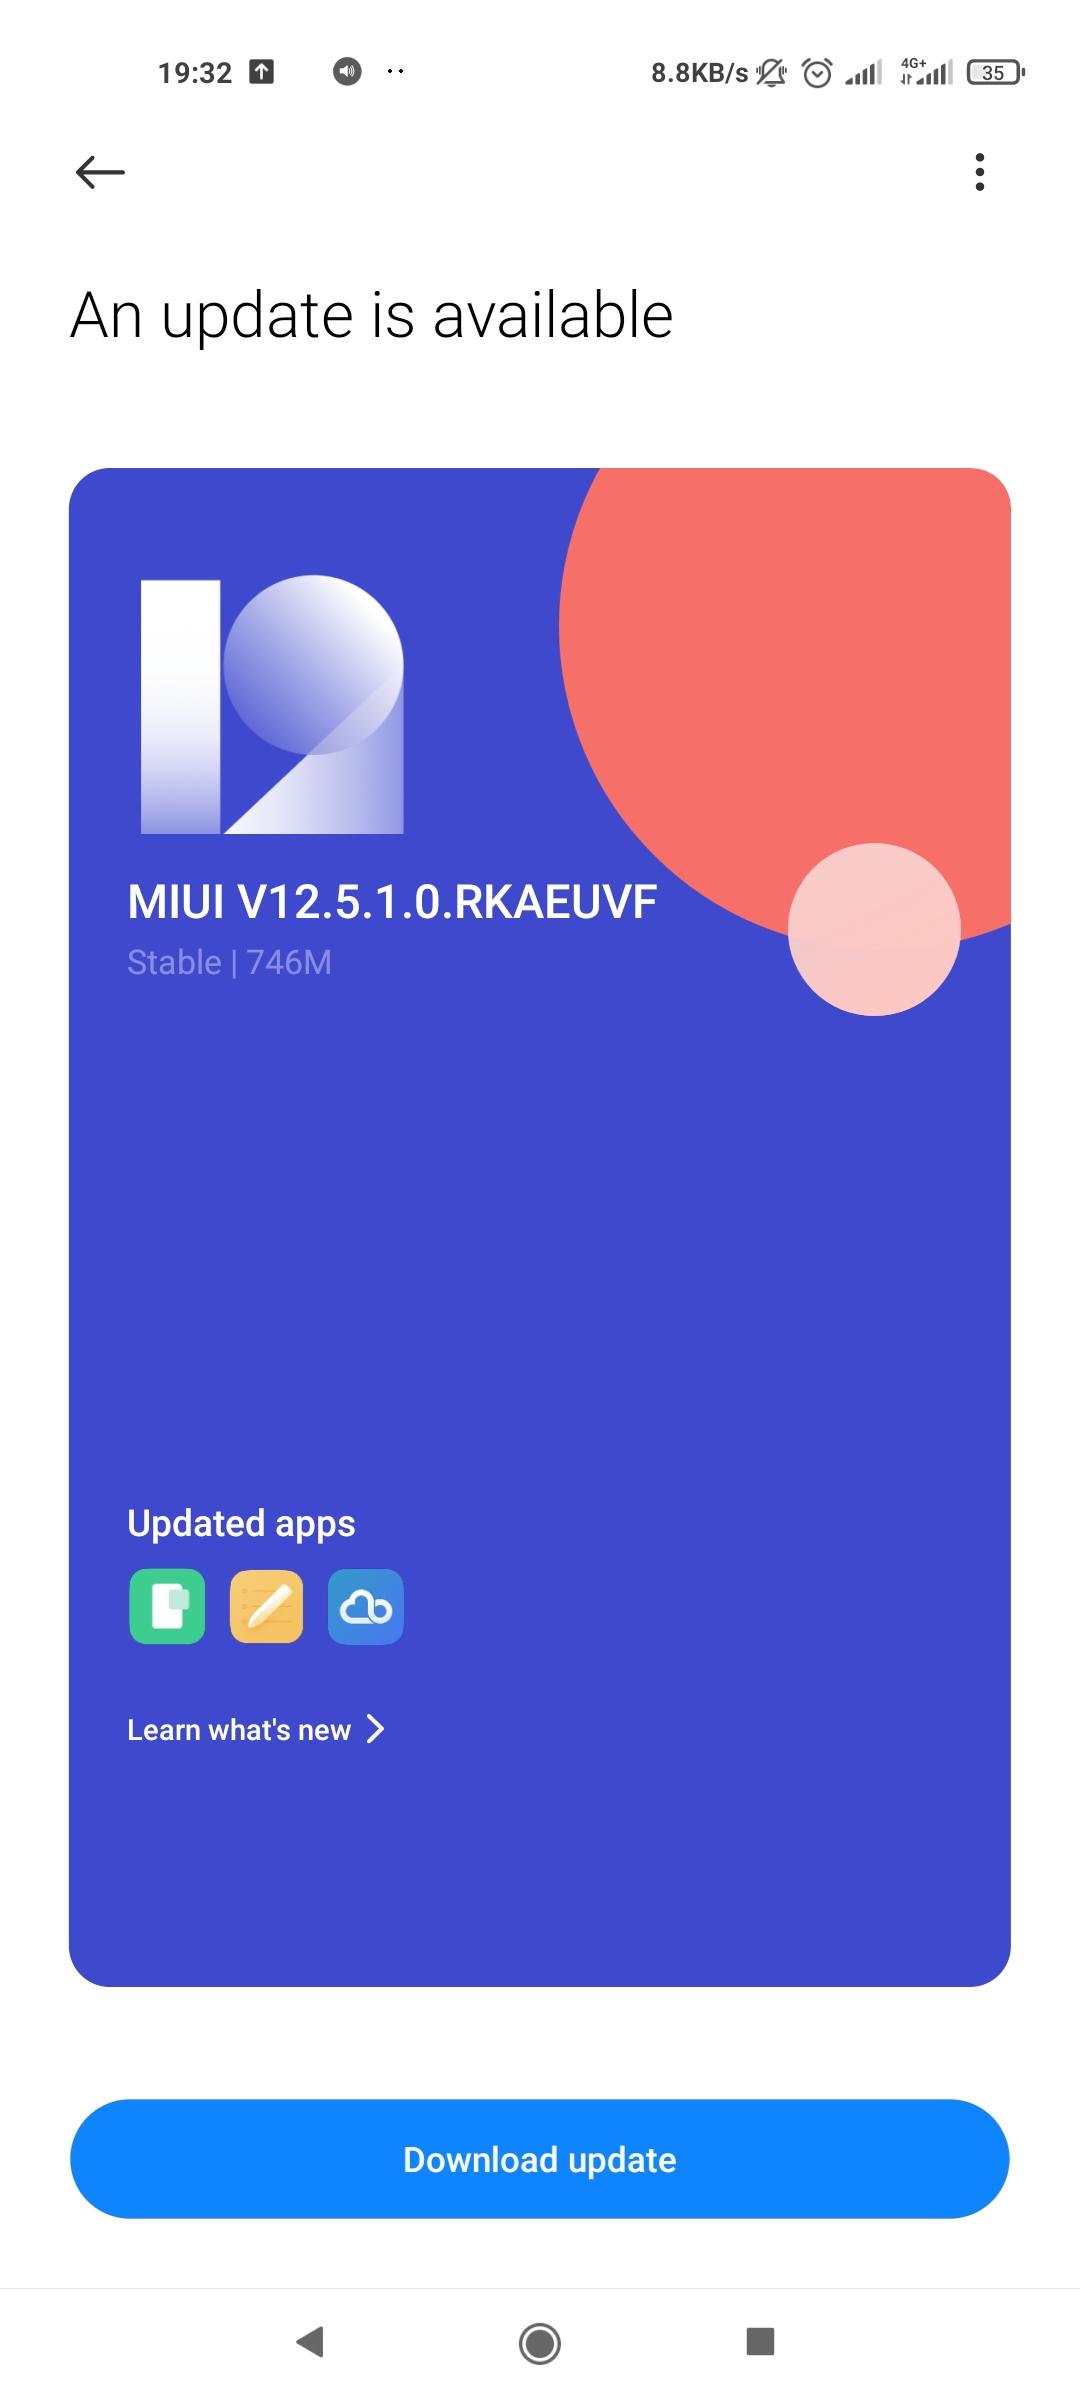 Screenshot_2021-06-22-19-32-52-851_com.android.updater.jpg